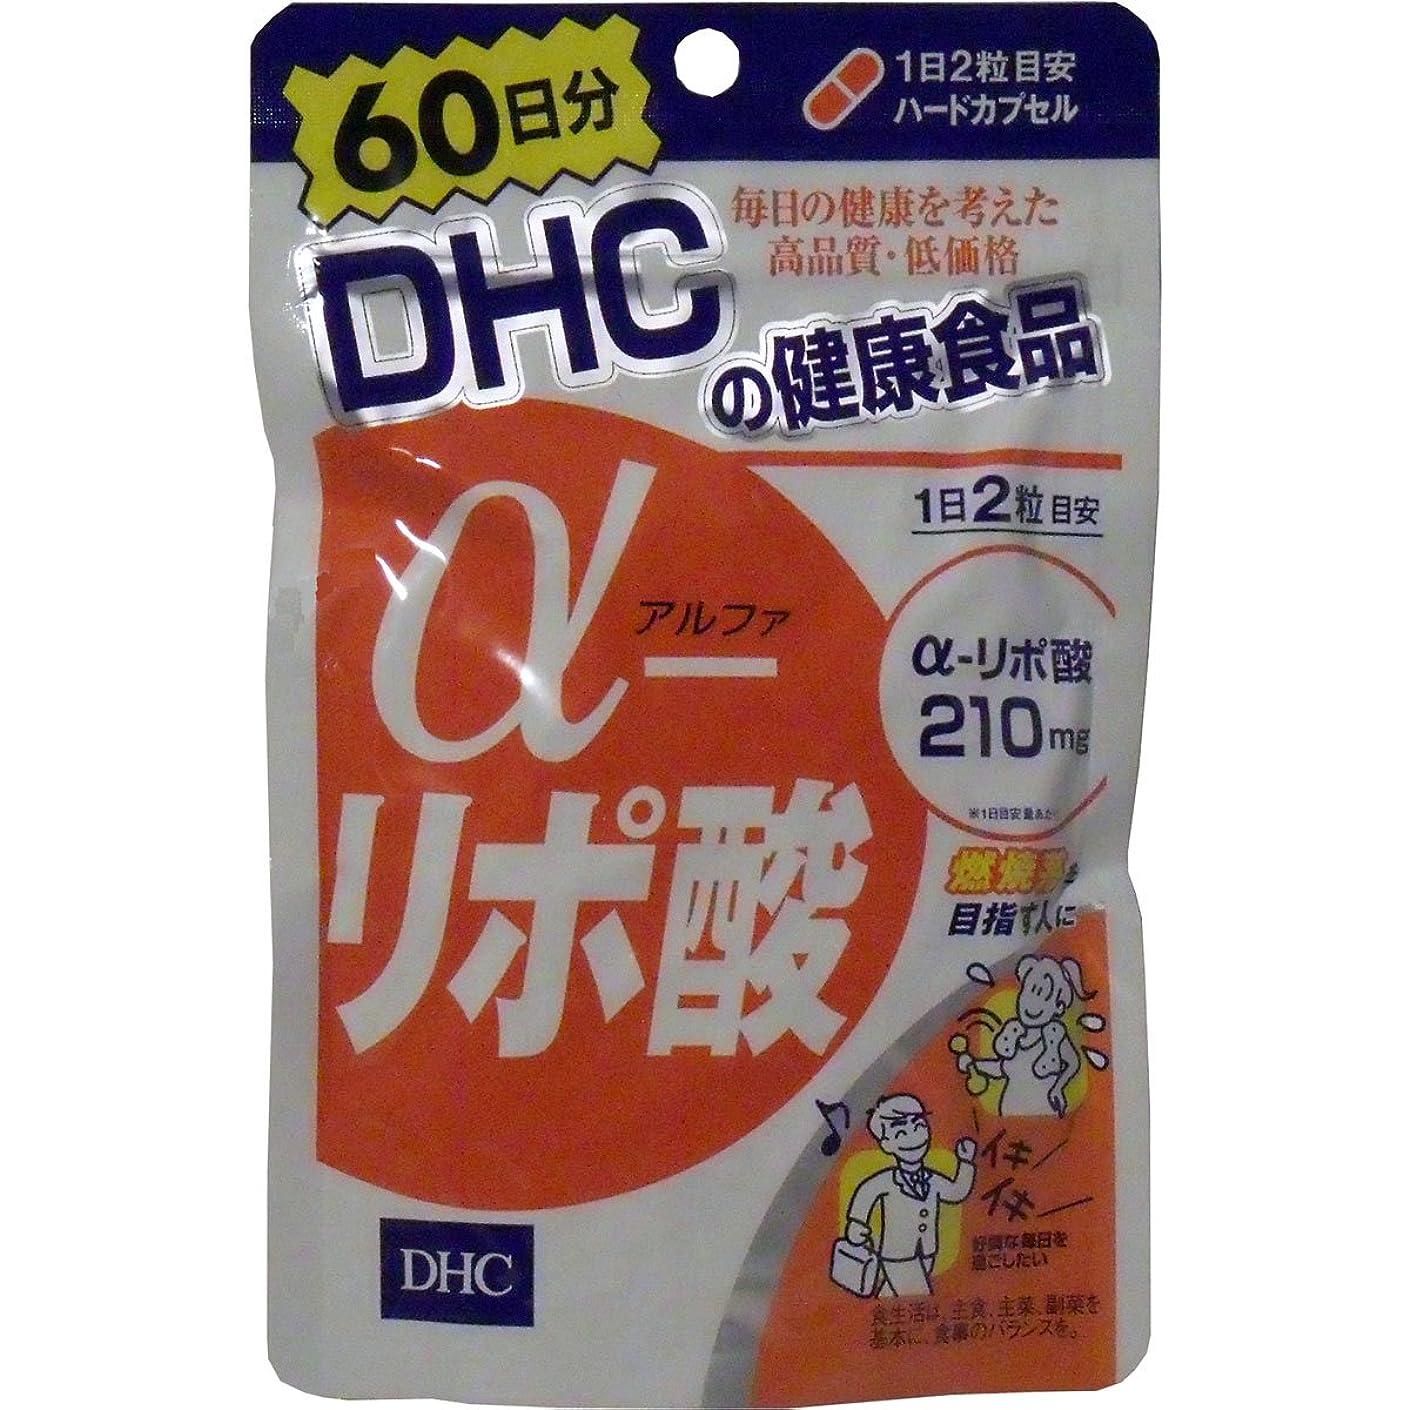 異形夢中広告するDHC α-リポ酸60日分 120粒×3個セット